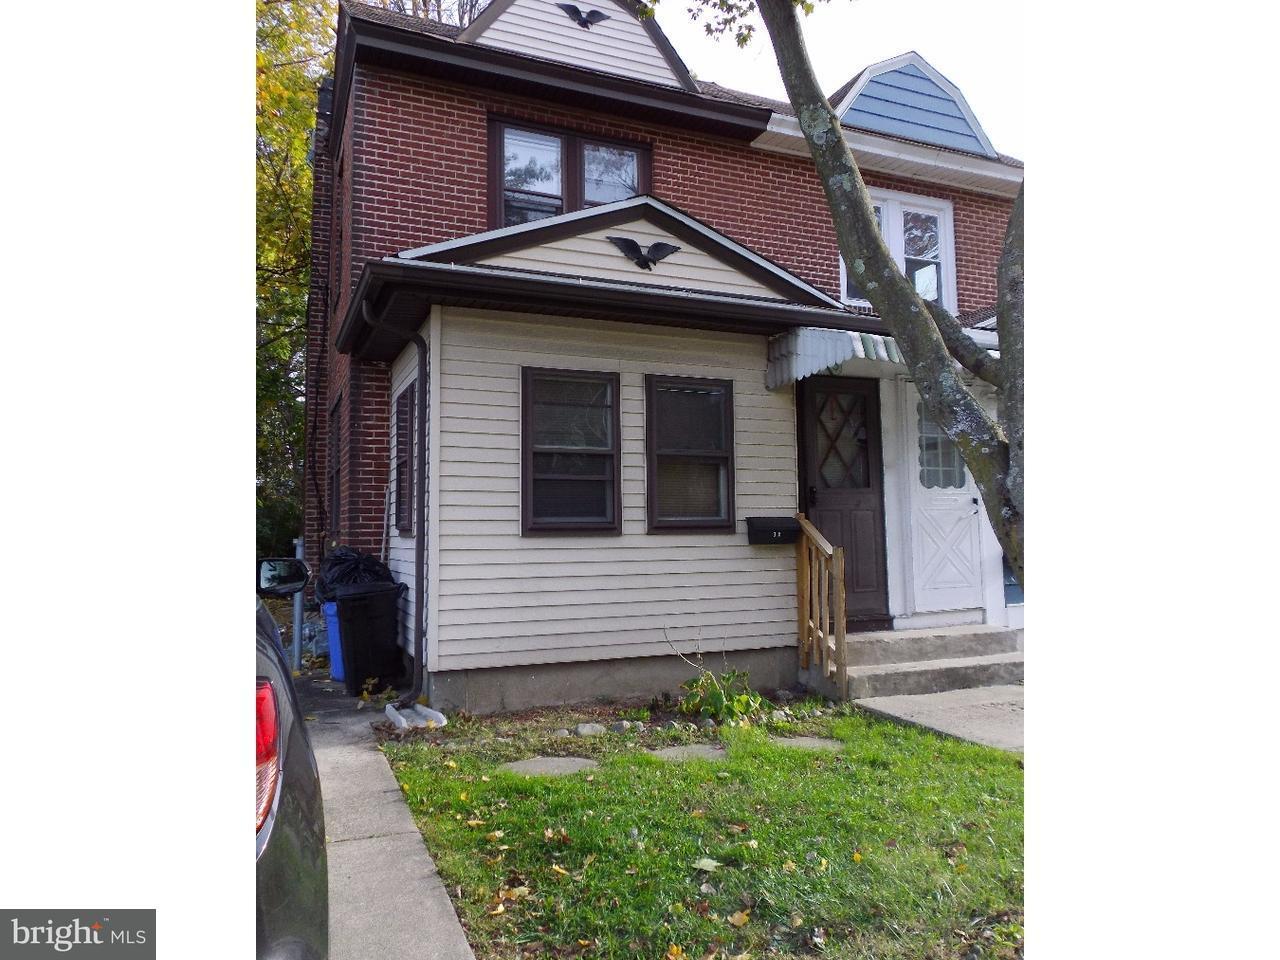 Casa unifamiliar adosada (Townhouse) por un Alquiler en 3A S GLEN Avenue Glenolden, Pennsylvania 19036 Estados Unidos